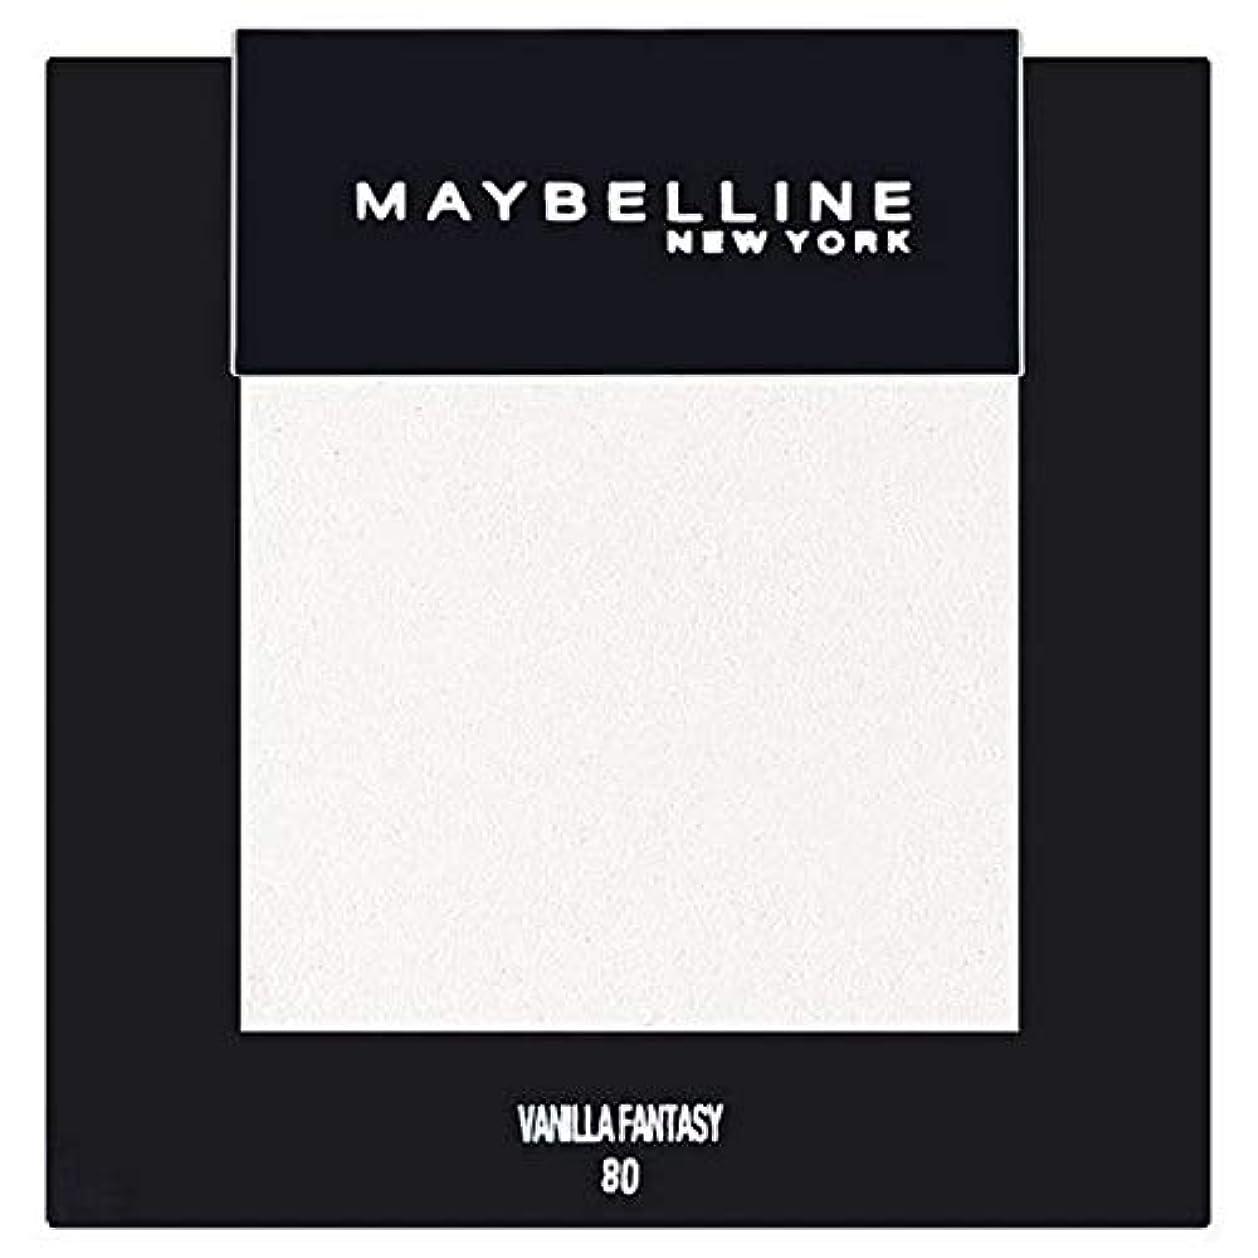 証言するこれまで狂う[Maybelline ] メイベリンカラーショーシングルアイシャドウ80バニラ - Maybelline Color Show Single Eyeshadow 80 Vanilla [並行輸入品]